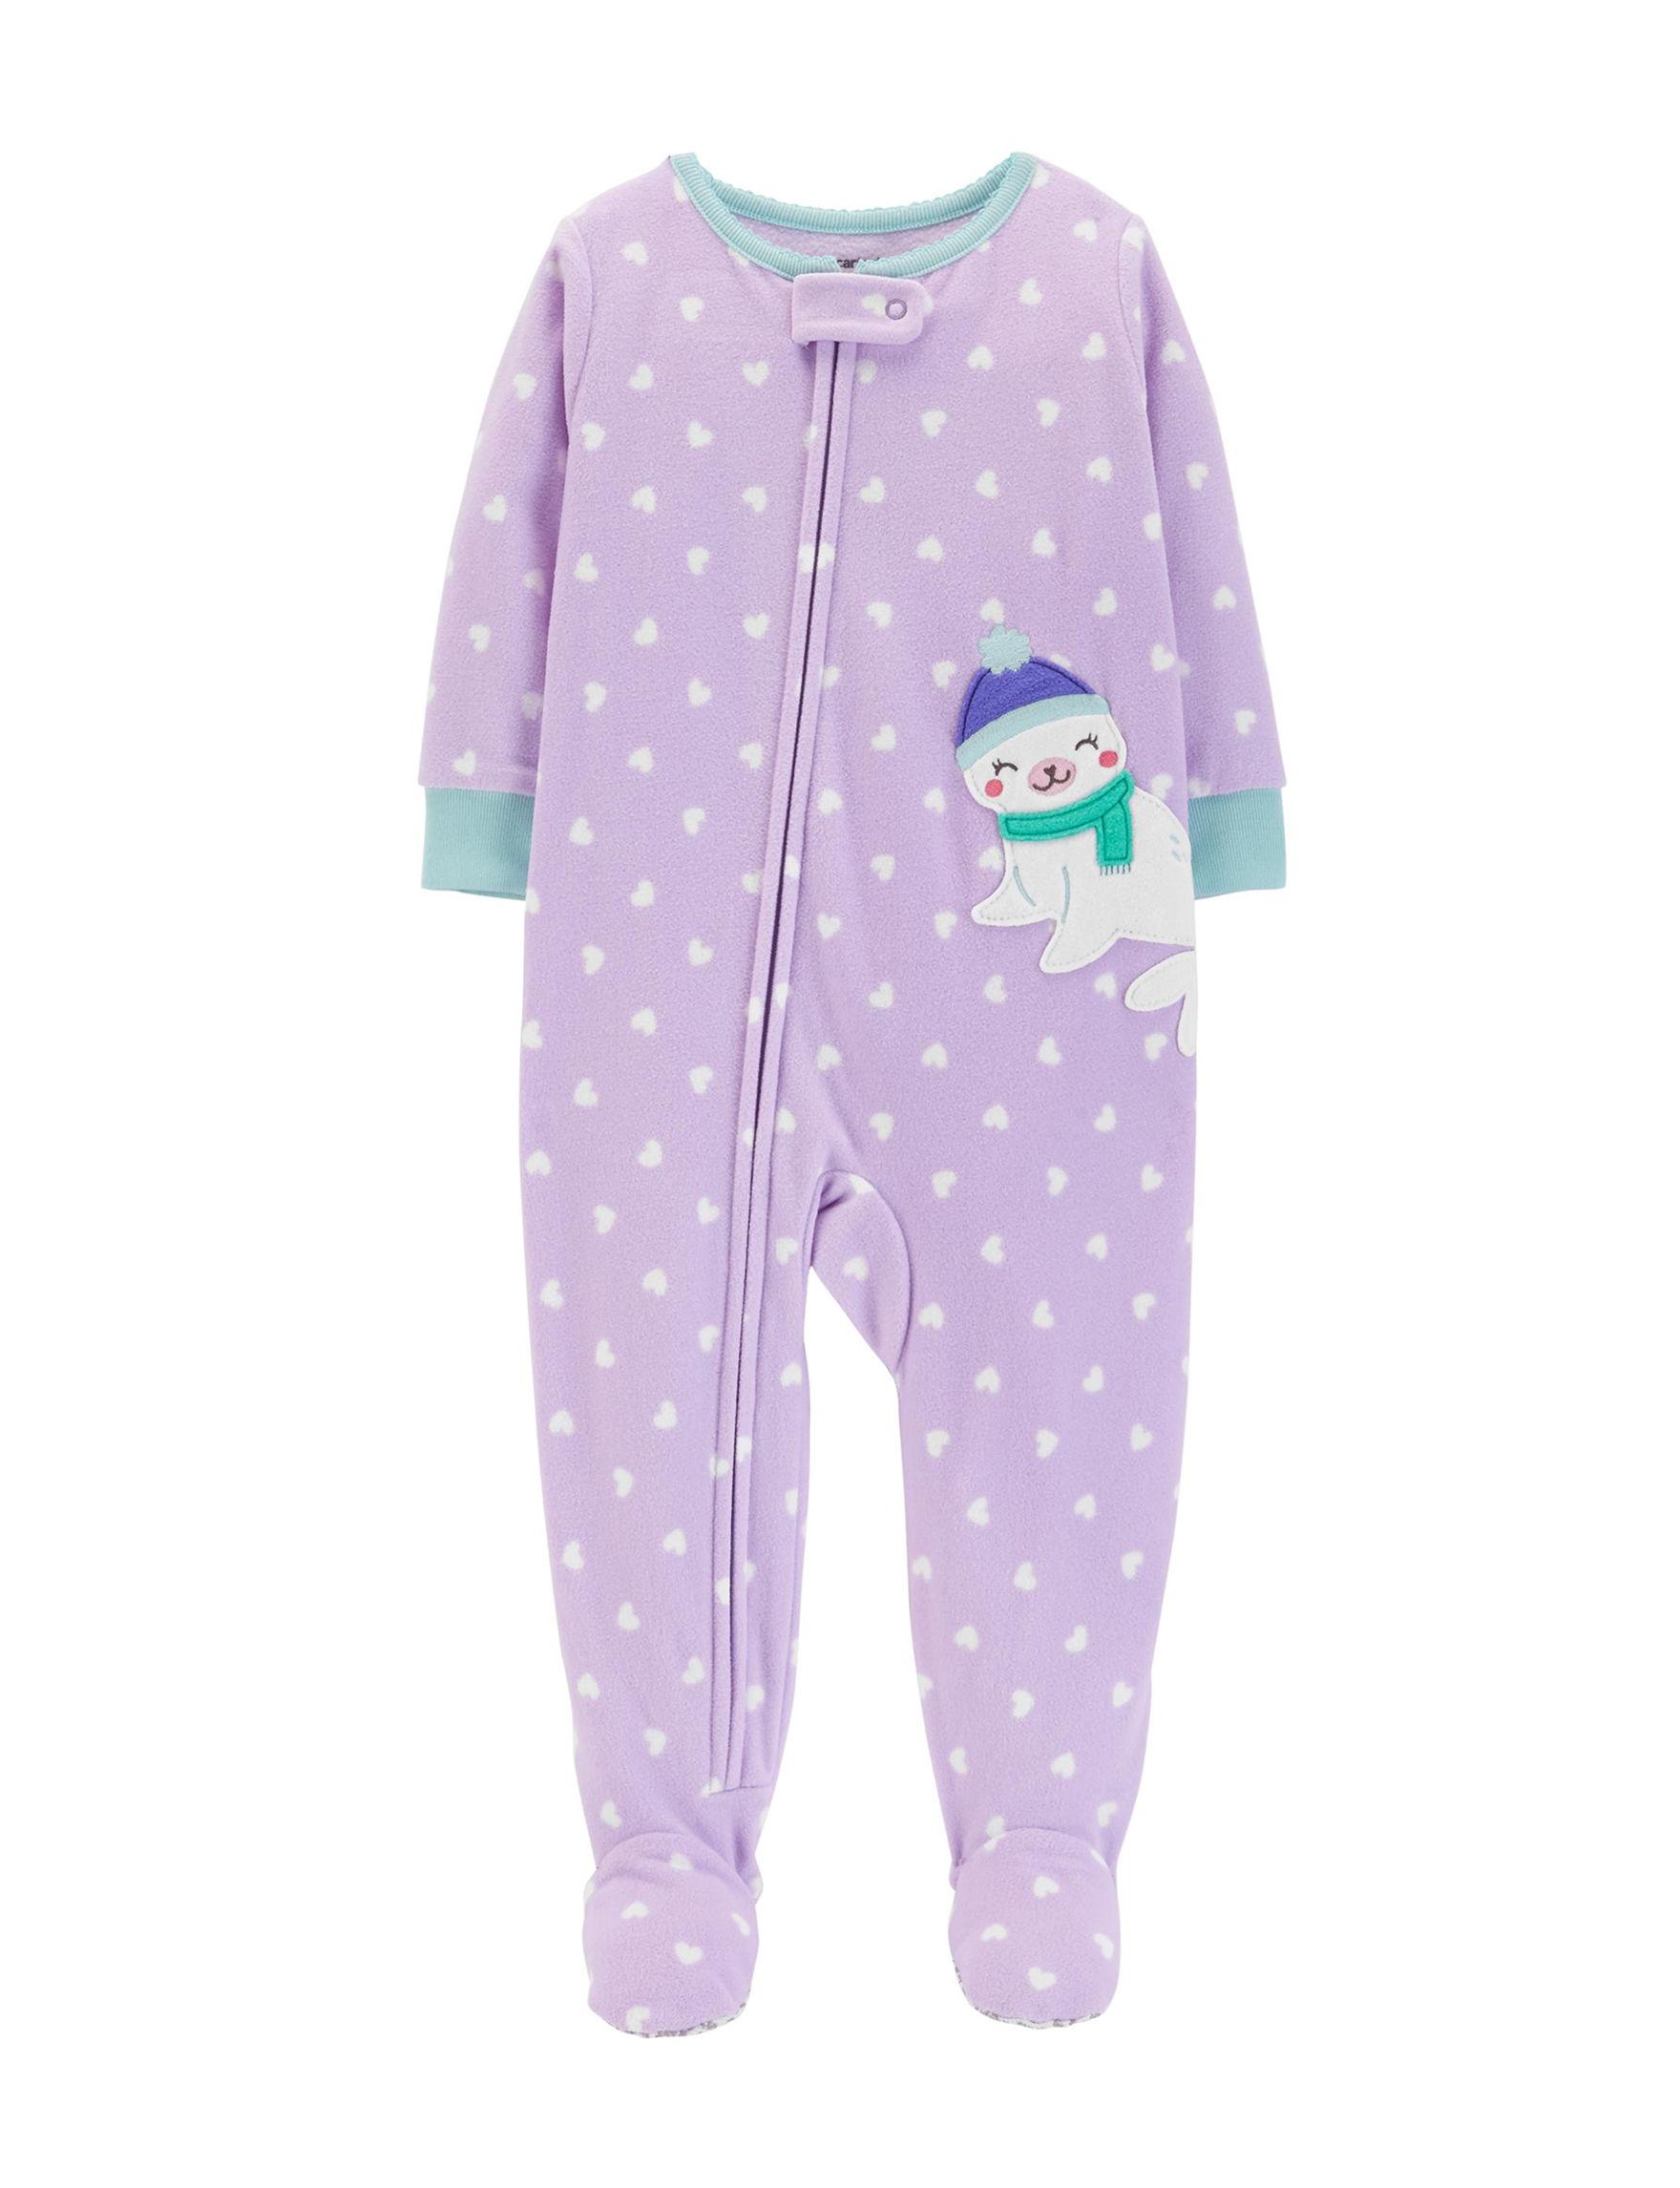 Carter's Purple Pajama Sets